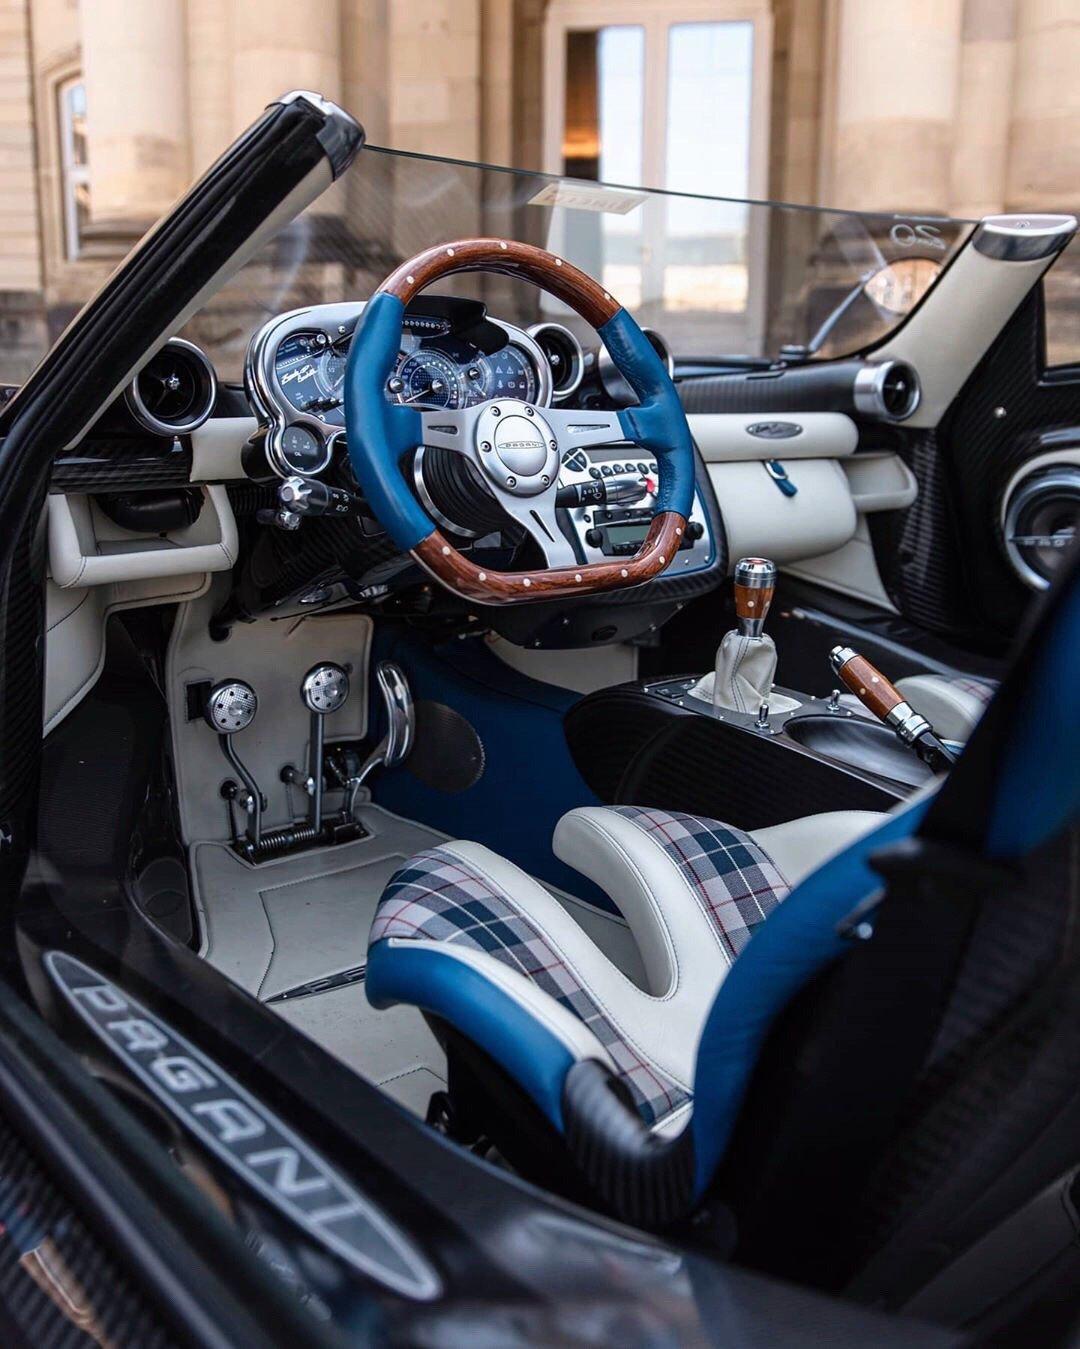 艺术品级别的超级跑车Pagani Zonda HP Barchetta 就是一个艺术品~